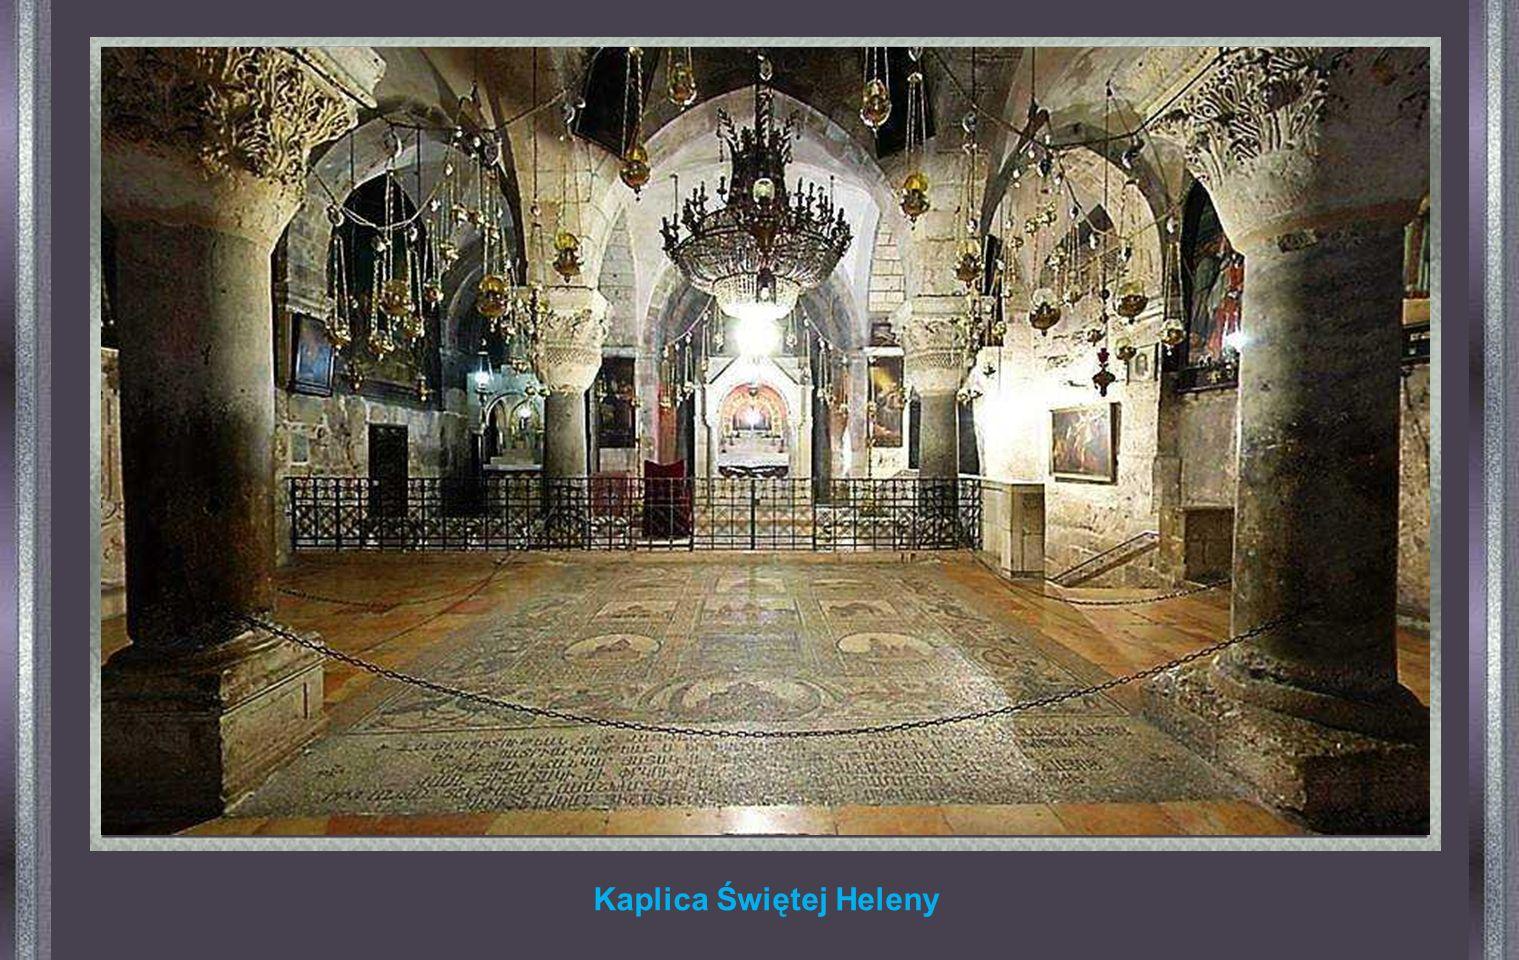 Kaplica Świętej Heleny